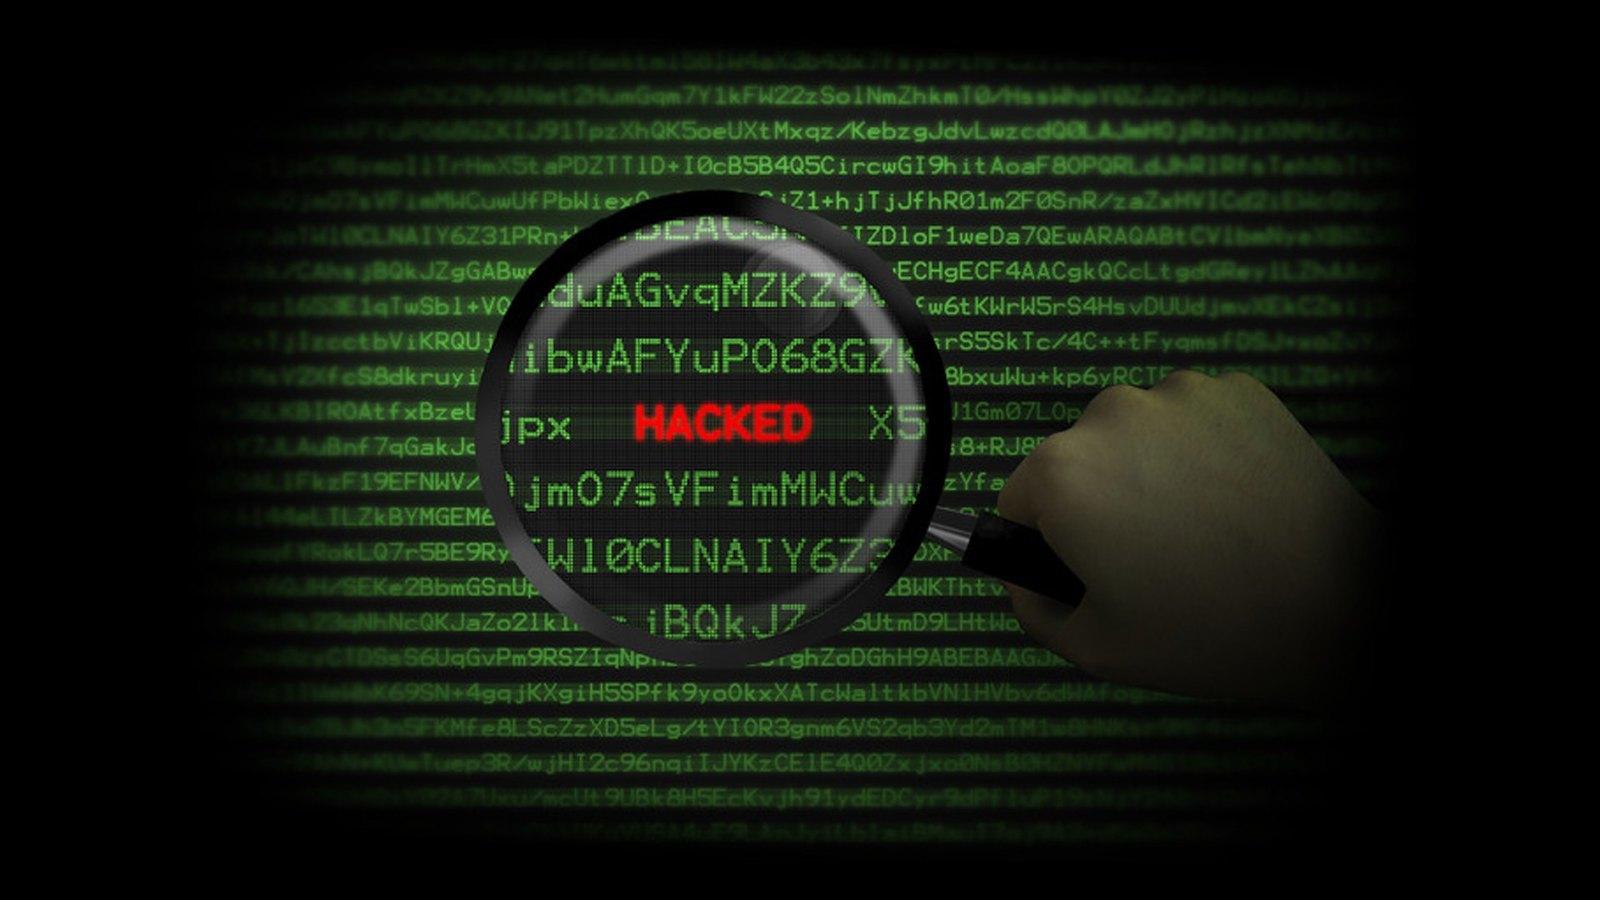 英特爾處理器再出現可竊密的旁路攻擊漏洞SWAPGSAttack Windows PC應儘速更新